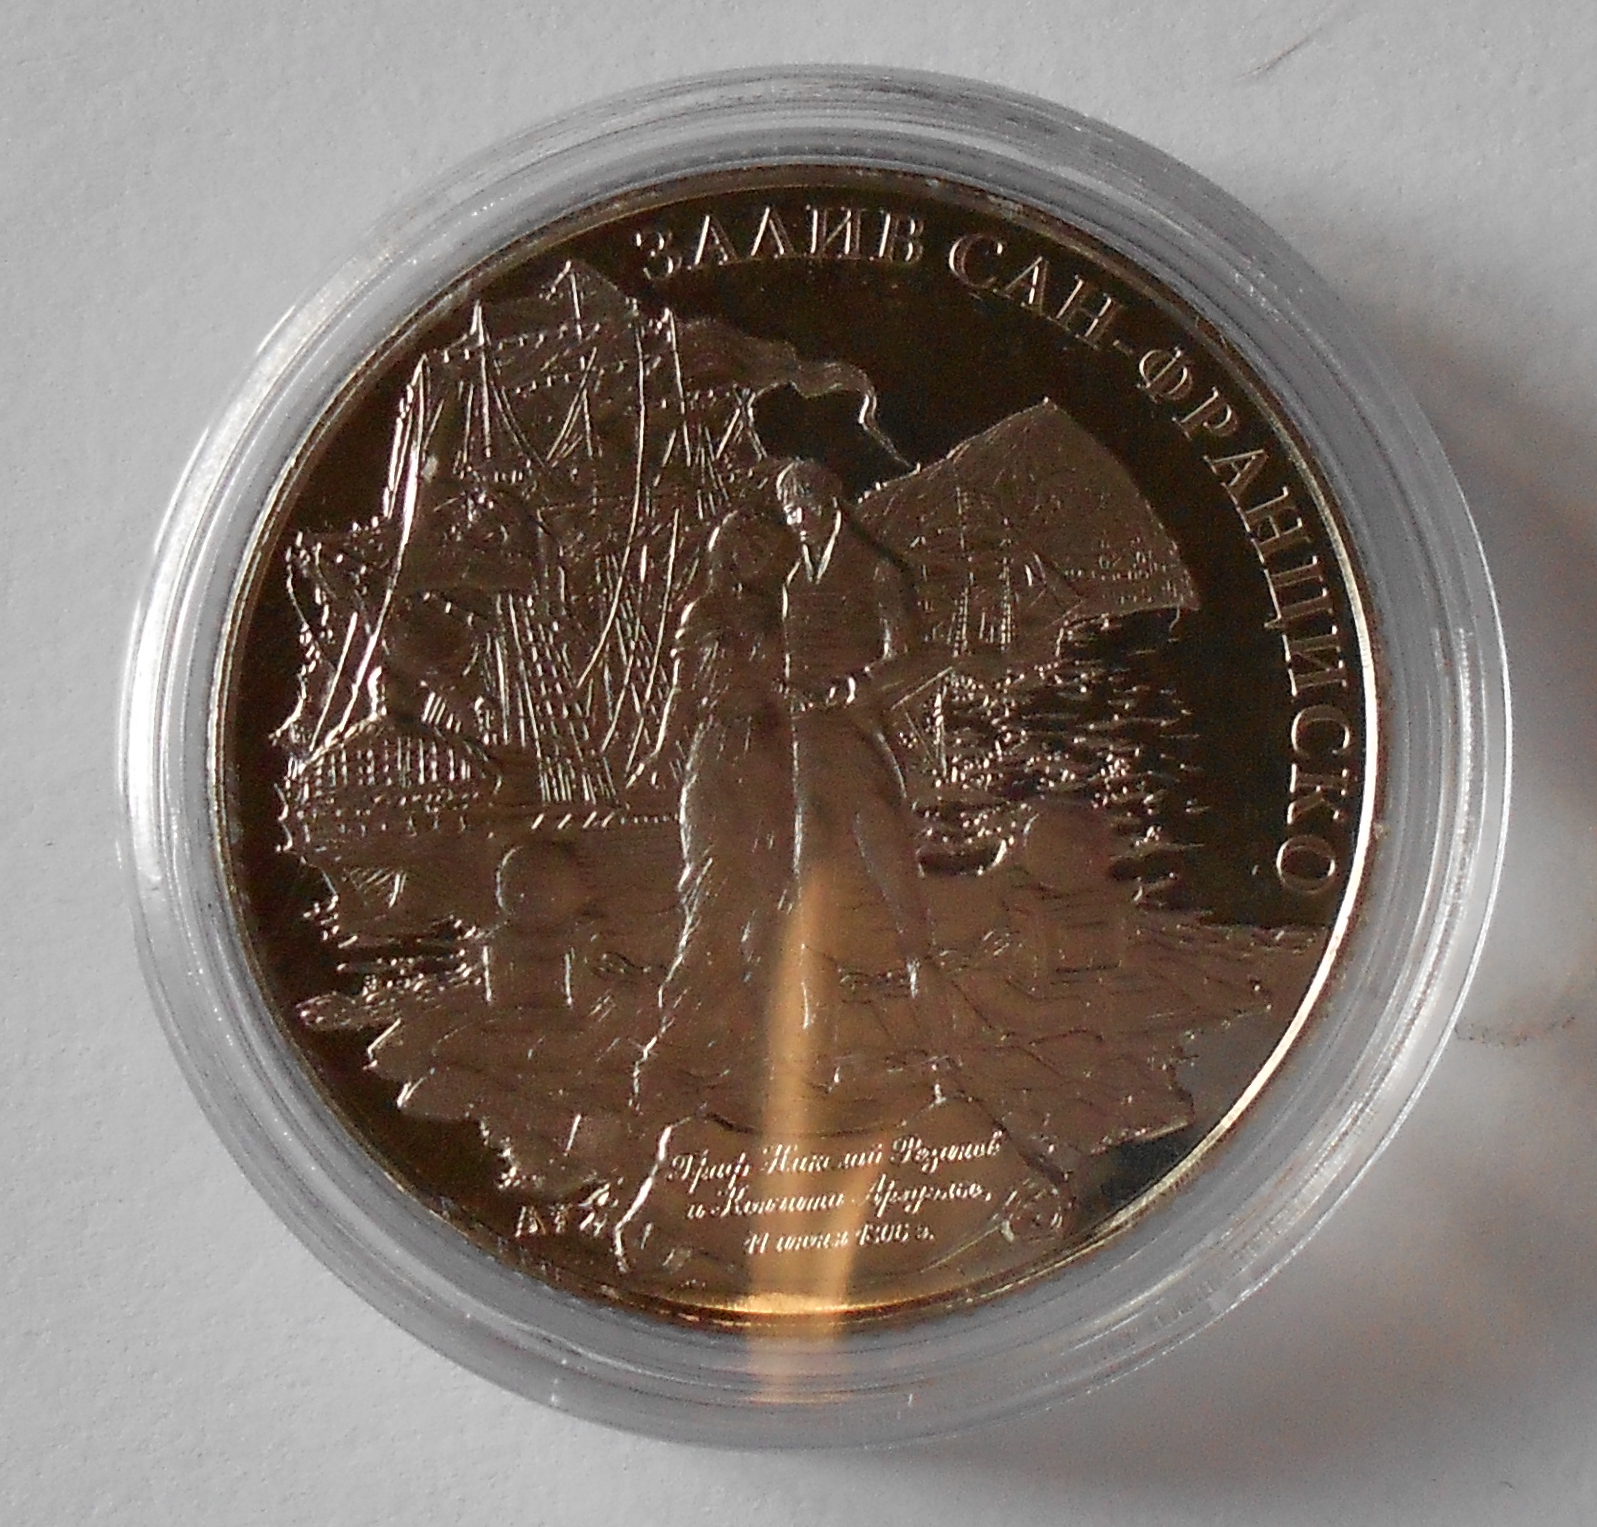 Rusko Americká společnost 500 Rubl Záliv 2013